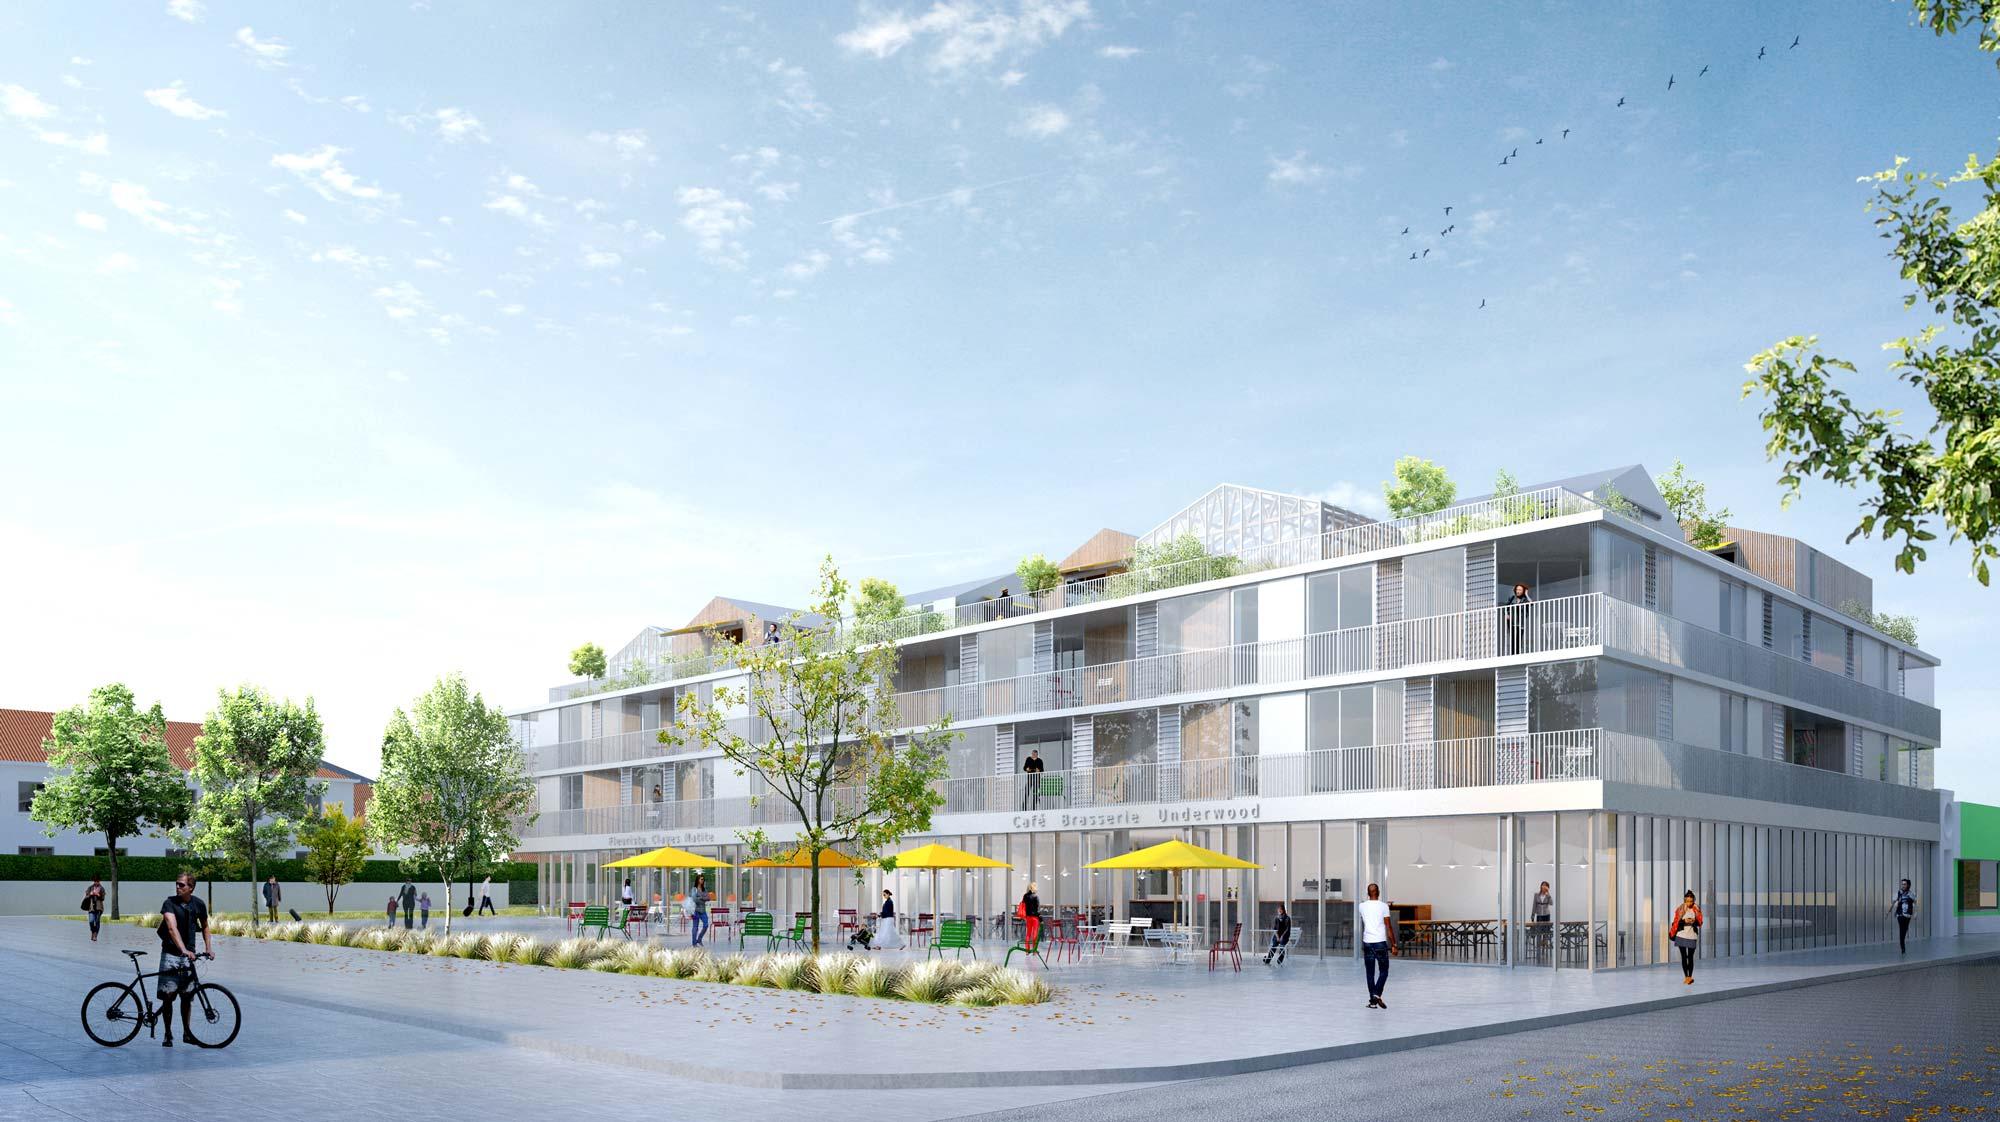 Maison Les Clayes Sous Bois halles les clayes-sous-bois - berranger & vincent - architectes